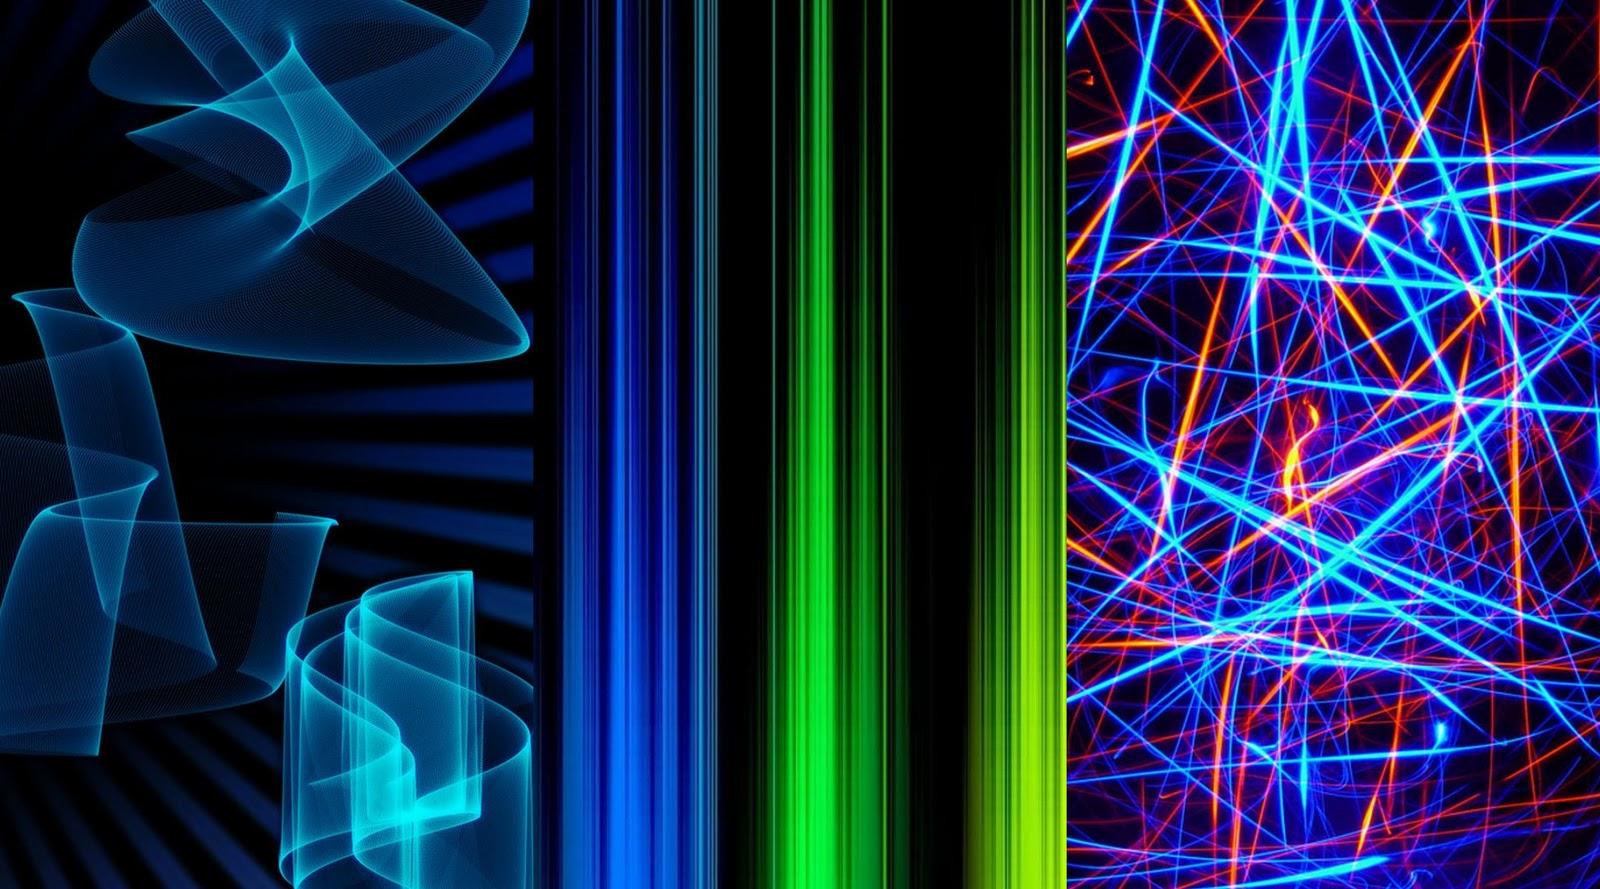 http://3.bp.blogspot.com/_dlpDx8_oMb8/TQyKDLC2x0I/AAAAAAAAAAs/zjCVNa0SQB0/s1600/BLUES.jpg